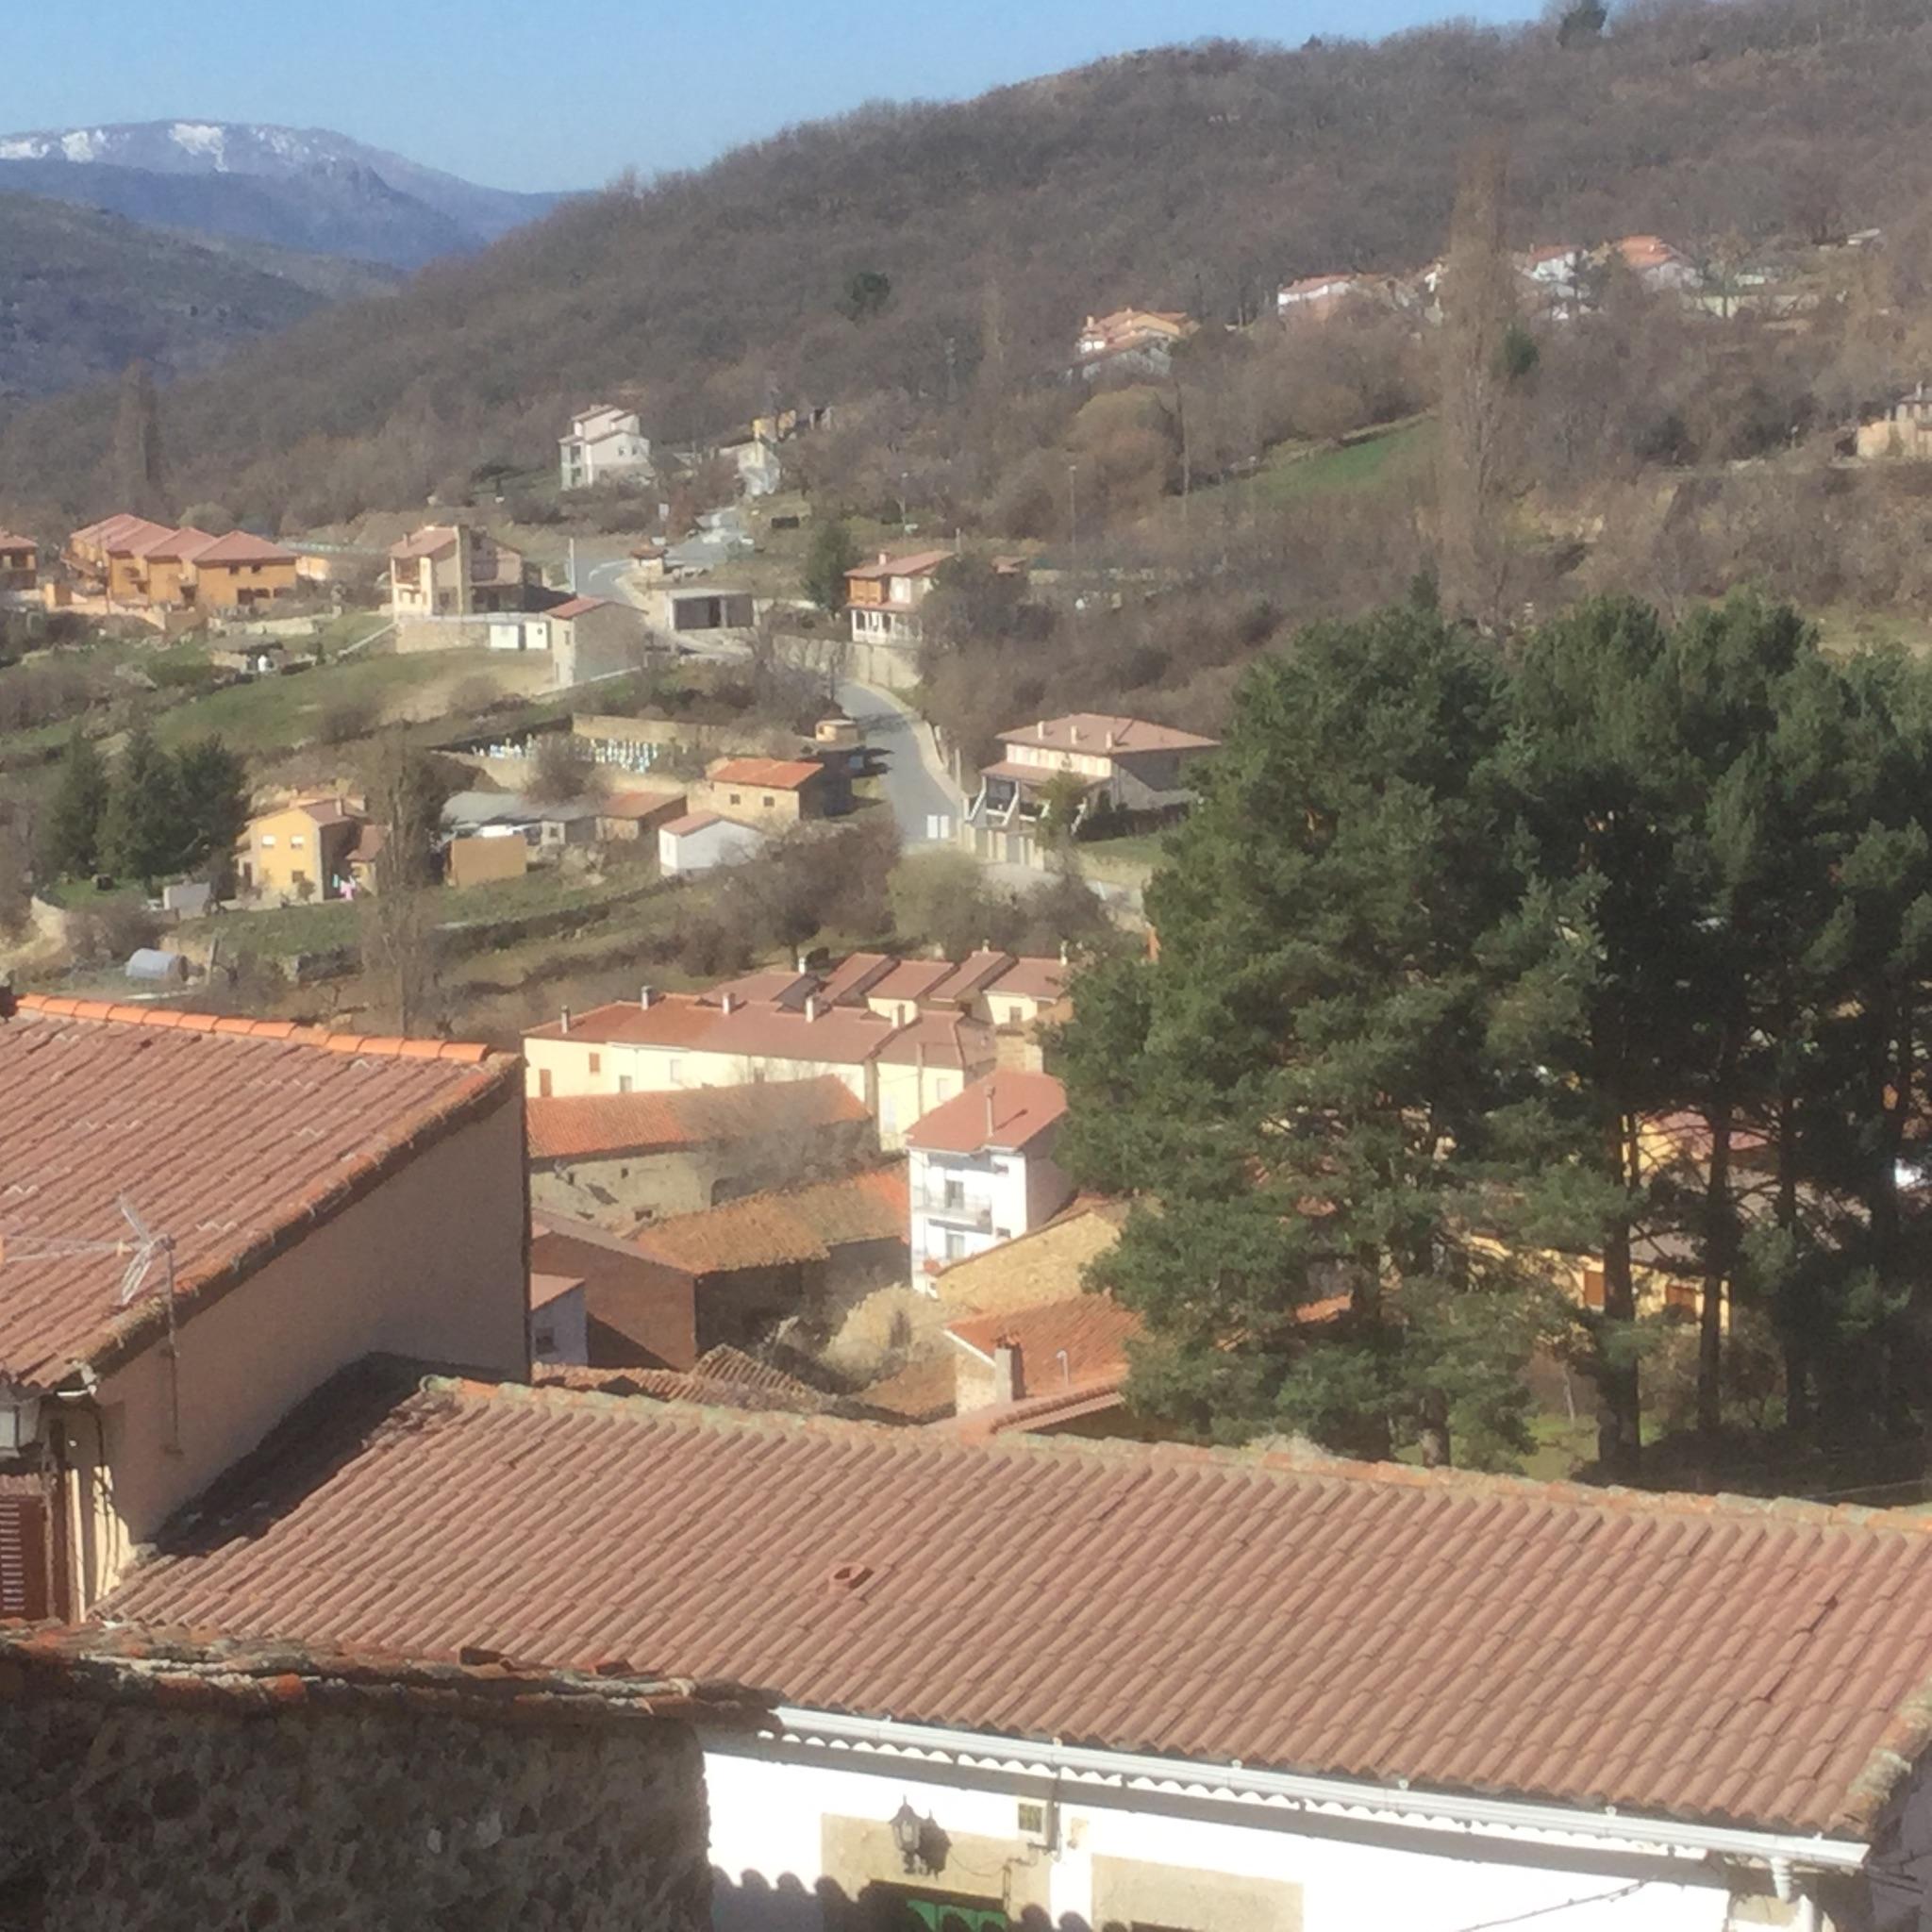 Ferienhaus El Molino Viejo - Haus mit drei Schlafzimmern, Balkon und Blick auf die beeindruckenden Be (2202391), Navacepeda de Tormes, Avila, Kastilien-León, Spanien, Bild 16